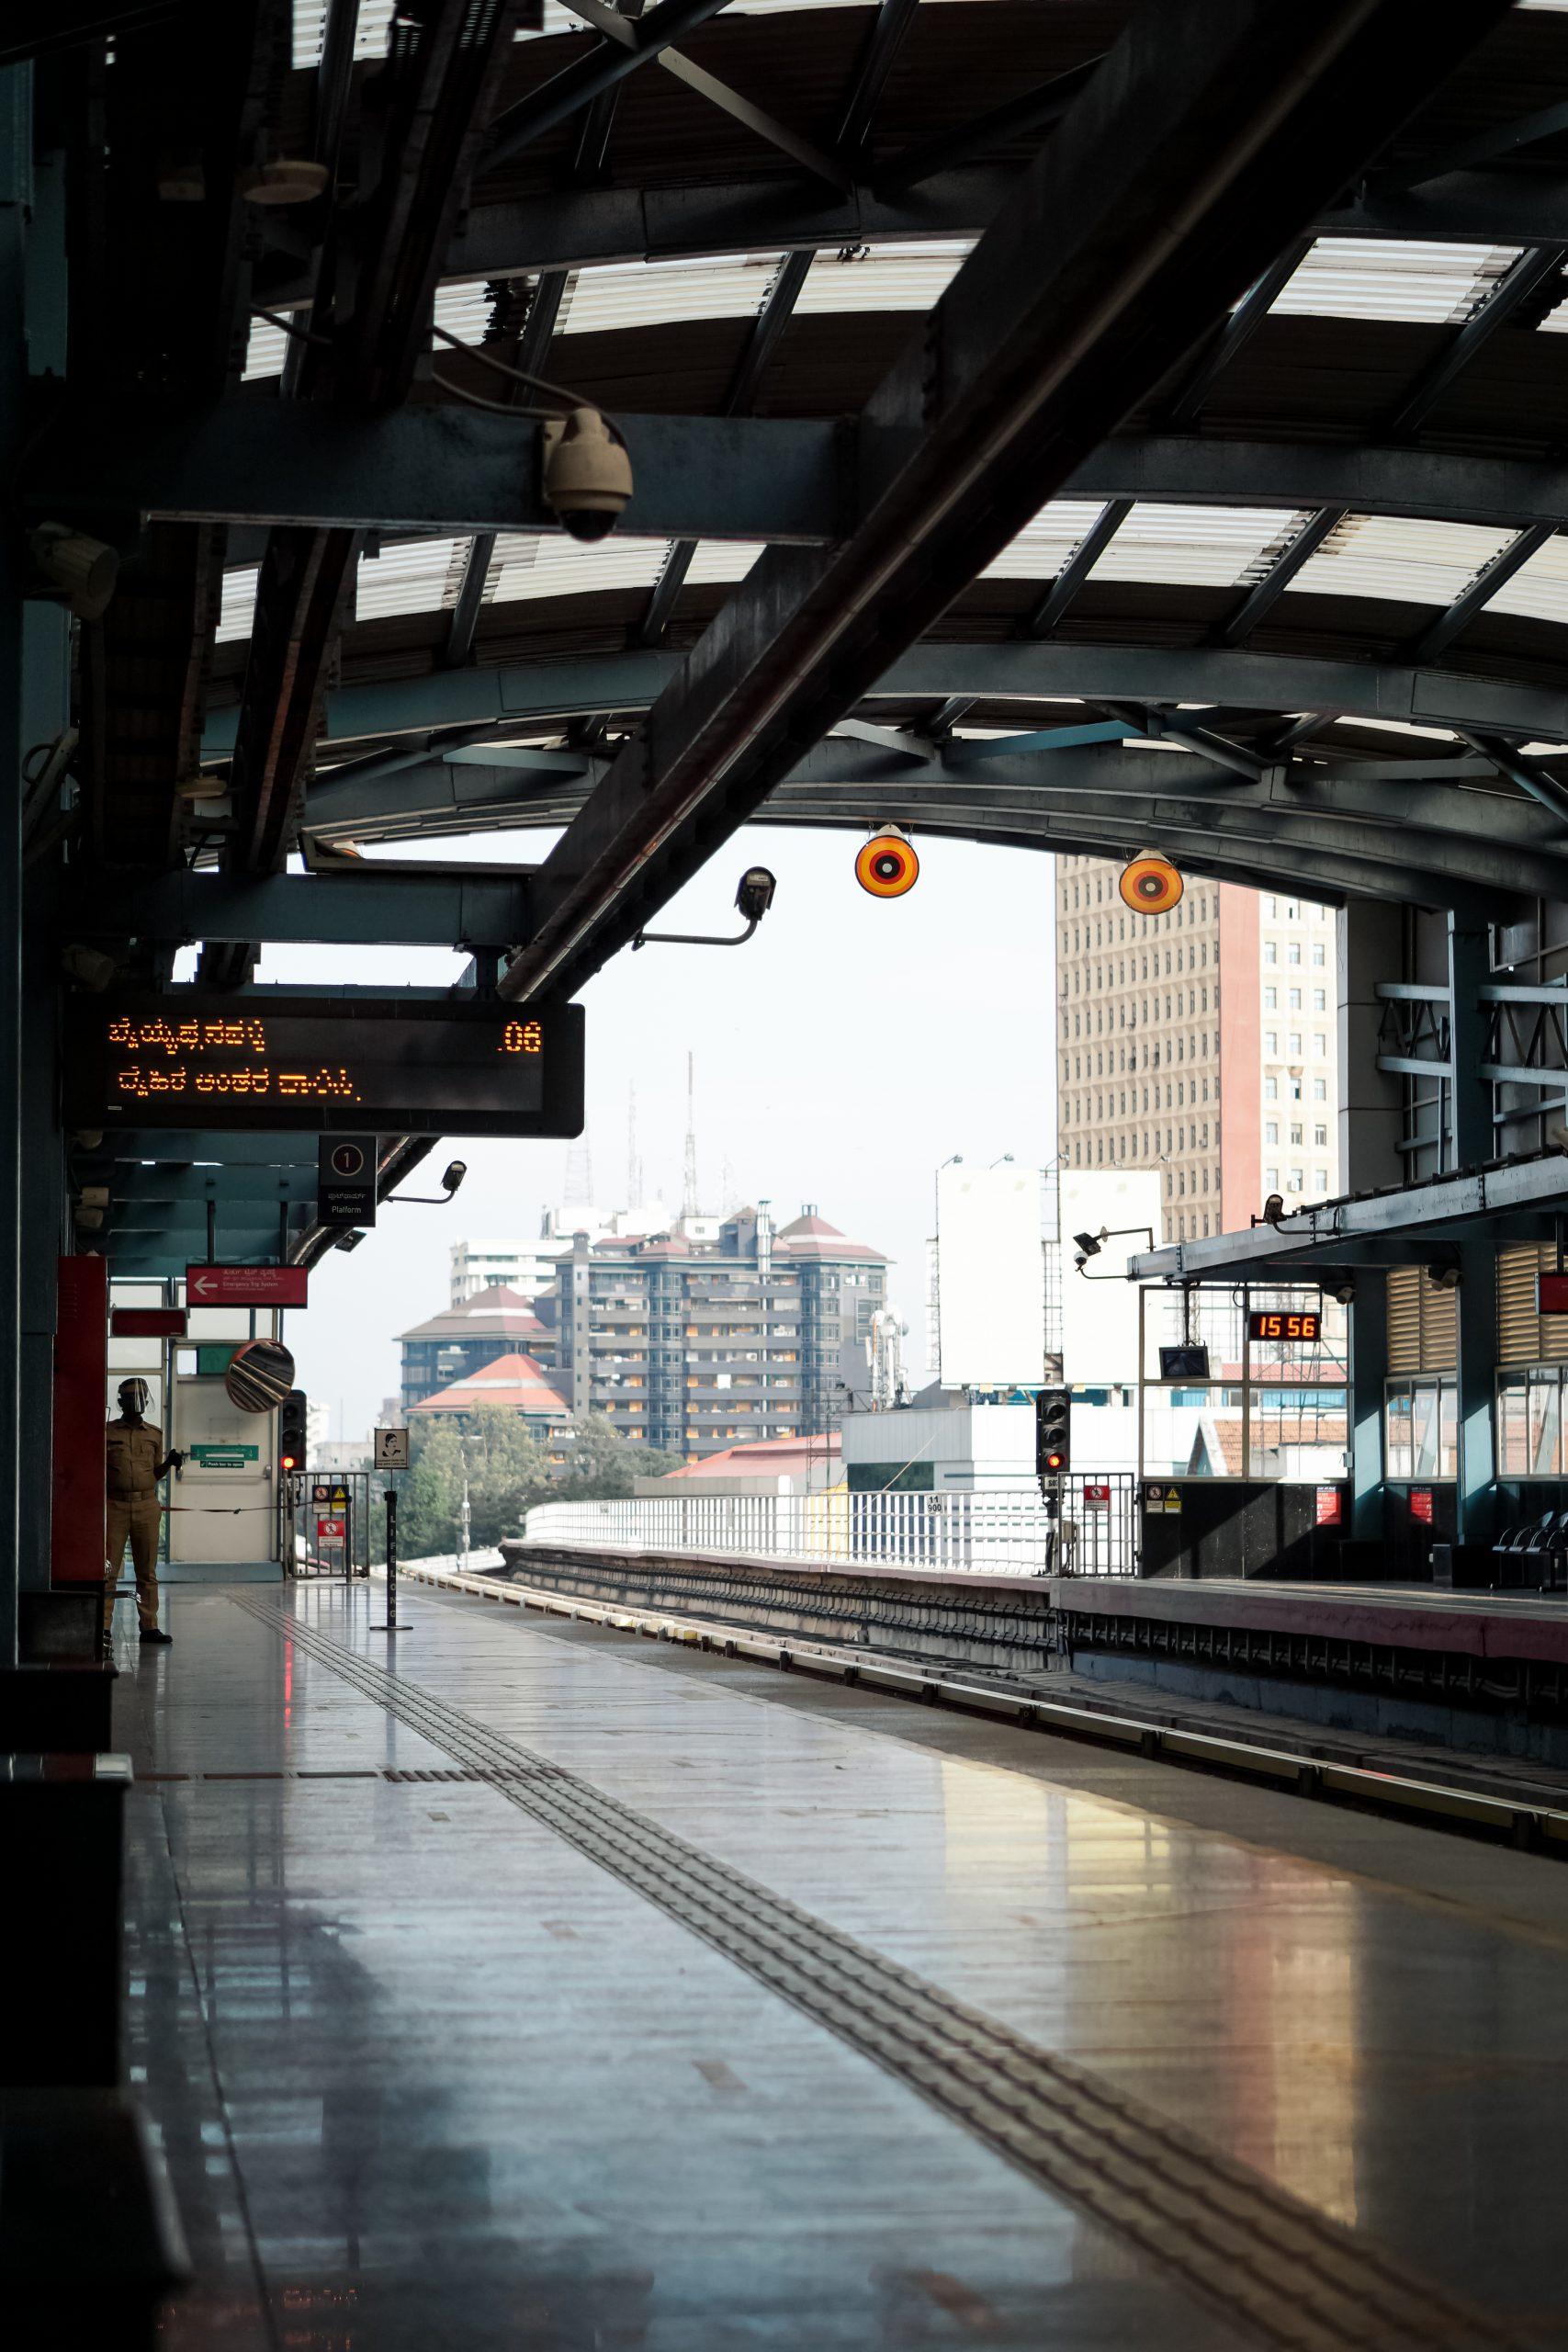 metro station platform